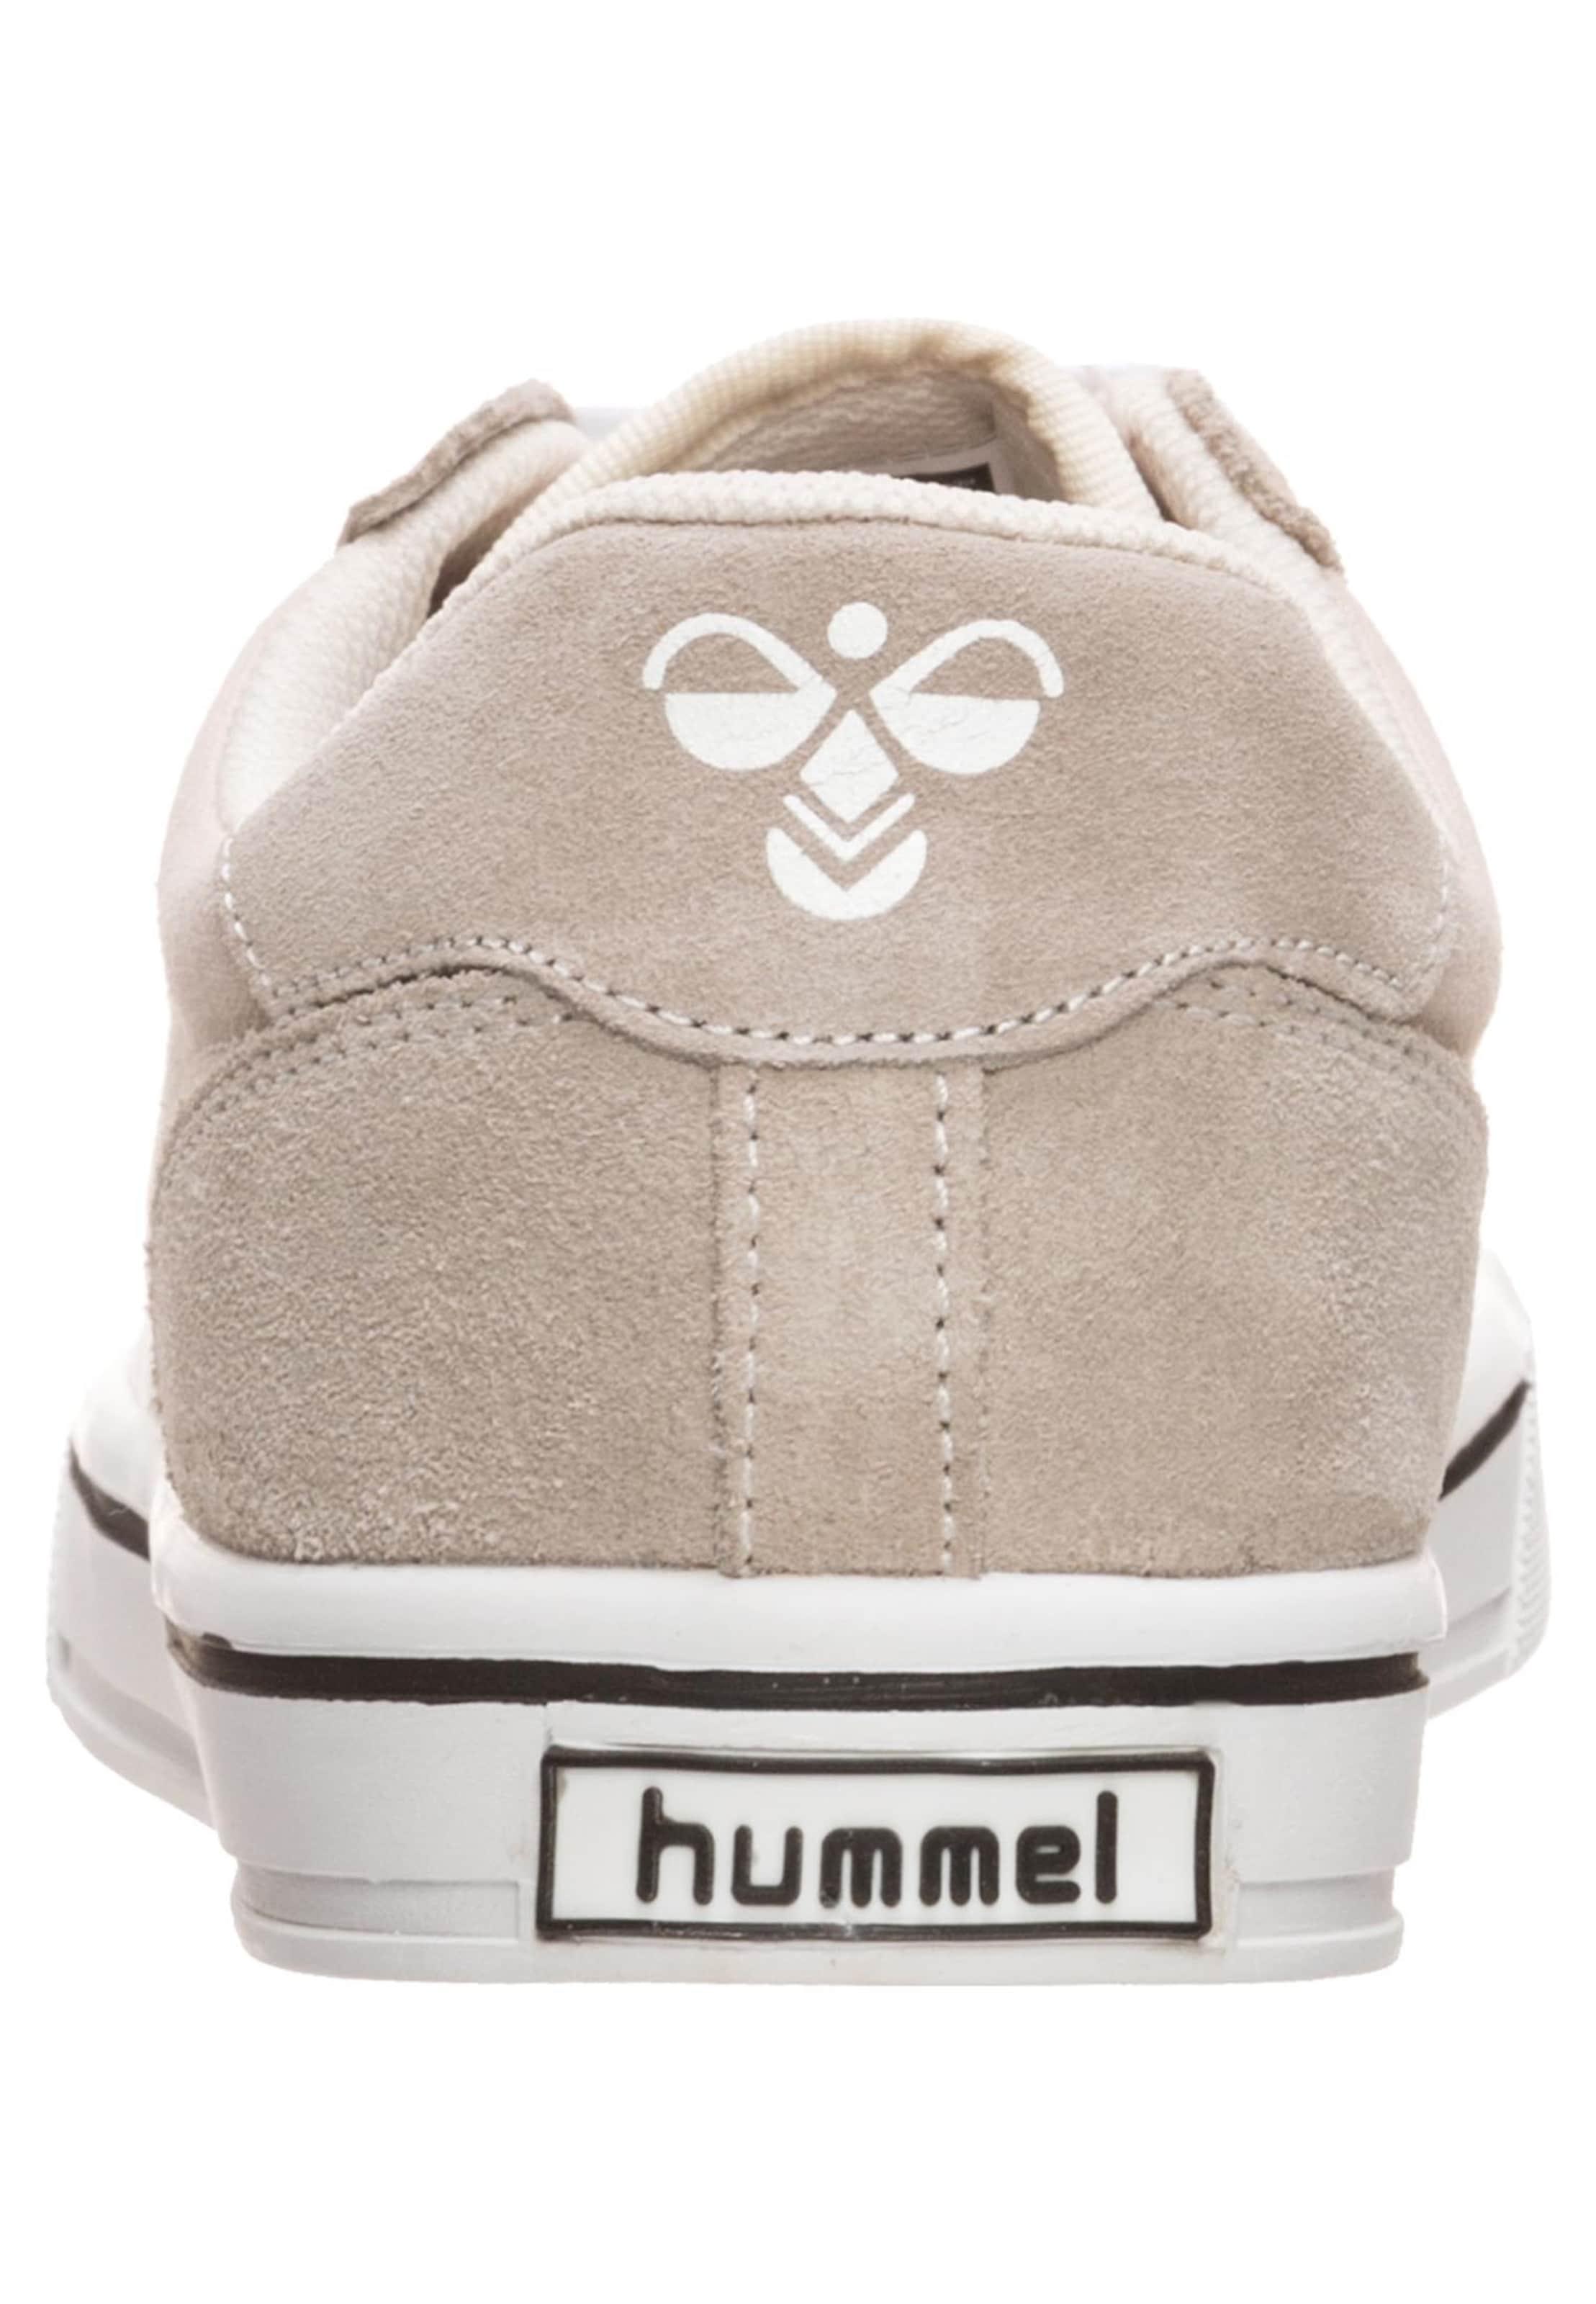 Beige Chaussure ClairBlanc 'nile' En De Hummel Sport L4j5qR3A